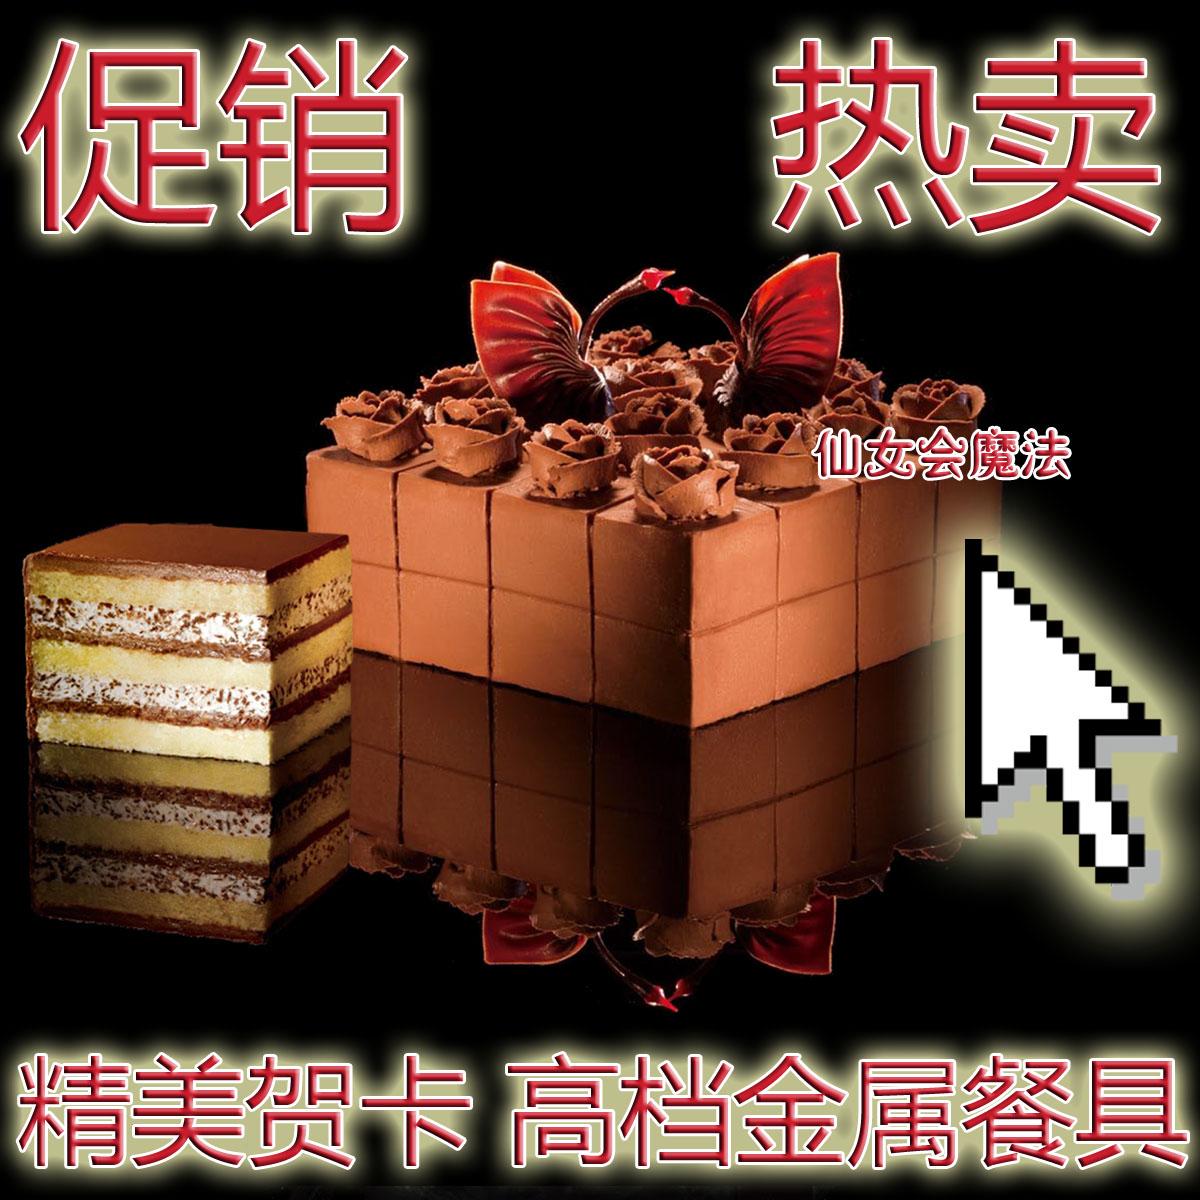 好利来黑天鹅蛋糕配送哈尔滨黑天鹅生日蛋糕专送限时同城玫瑰天使